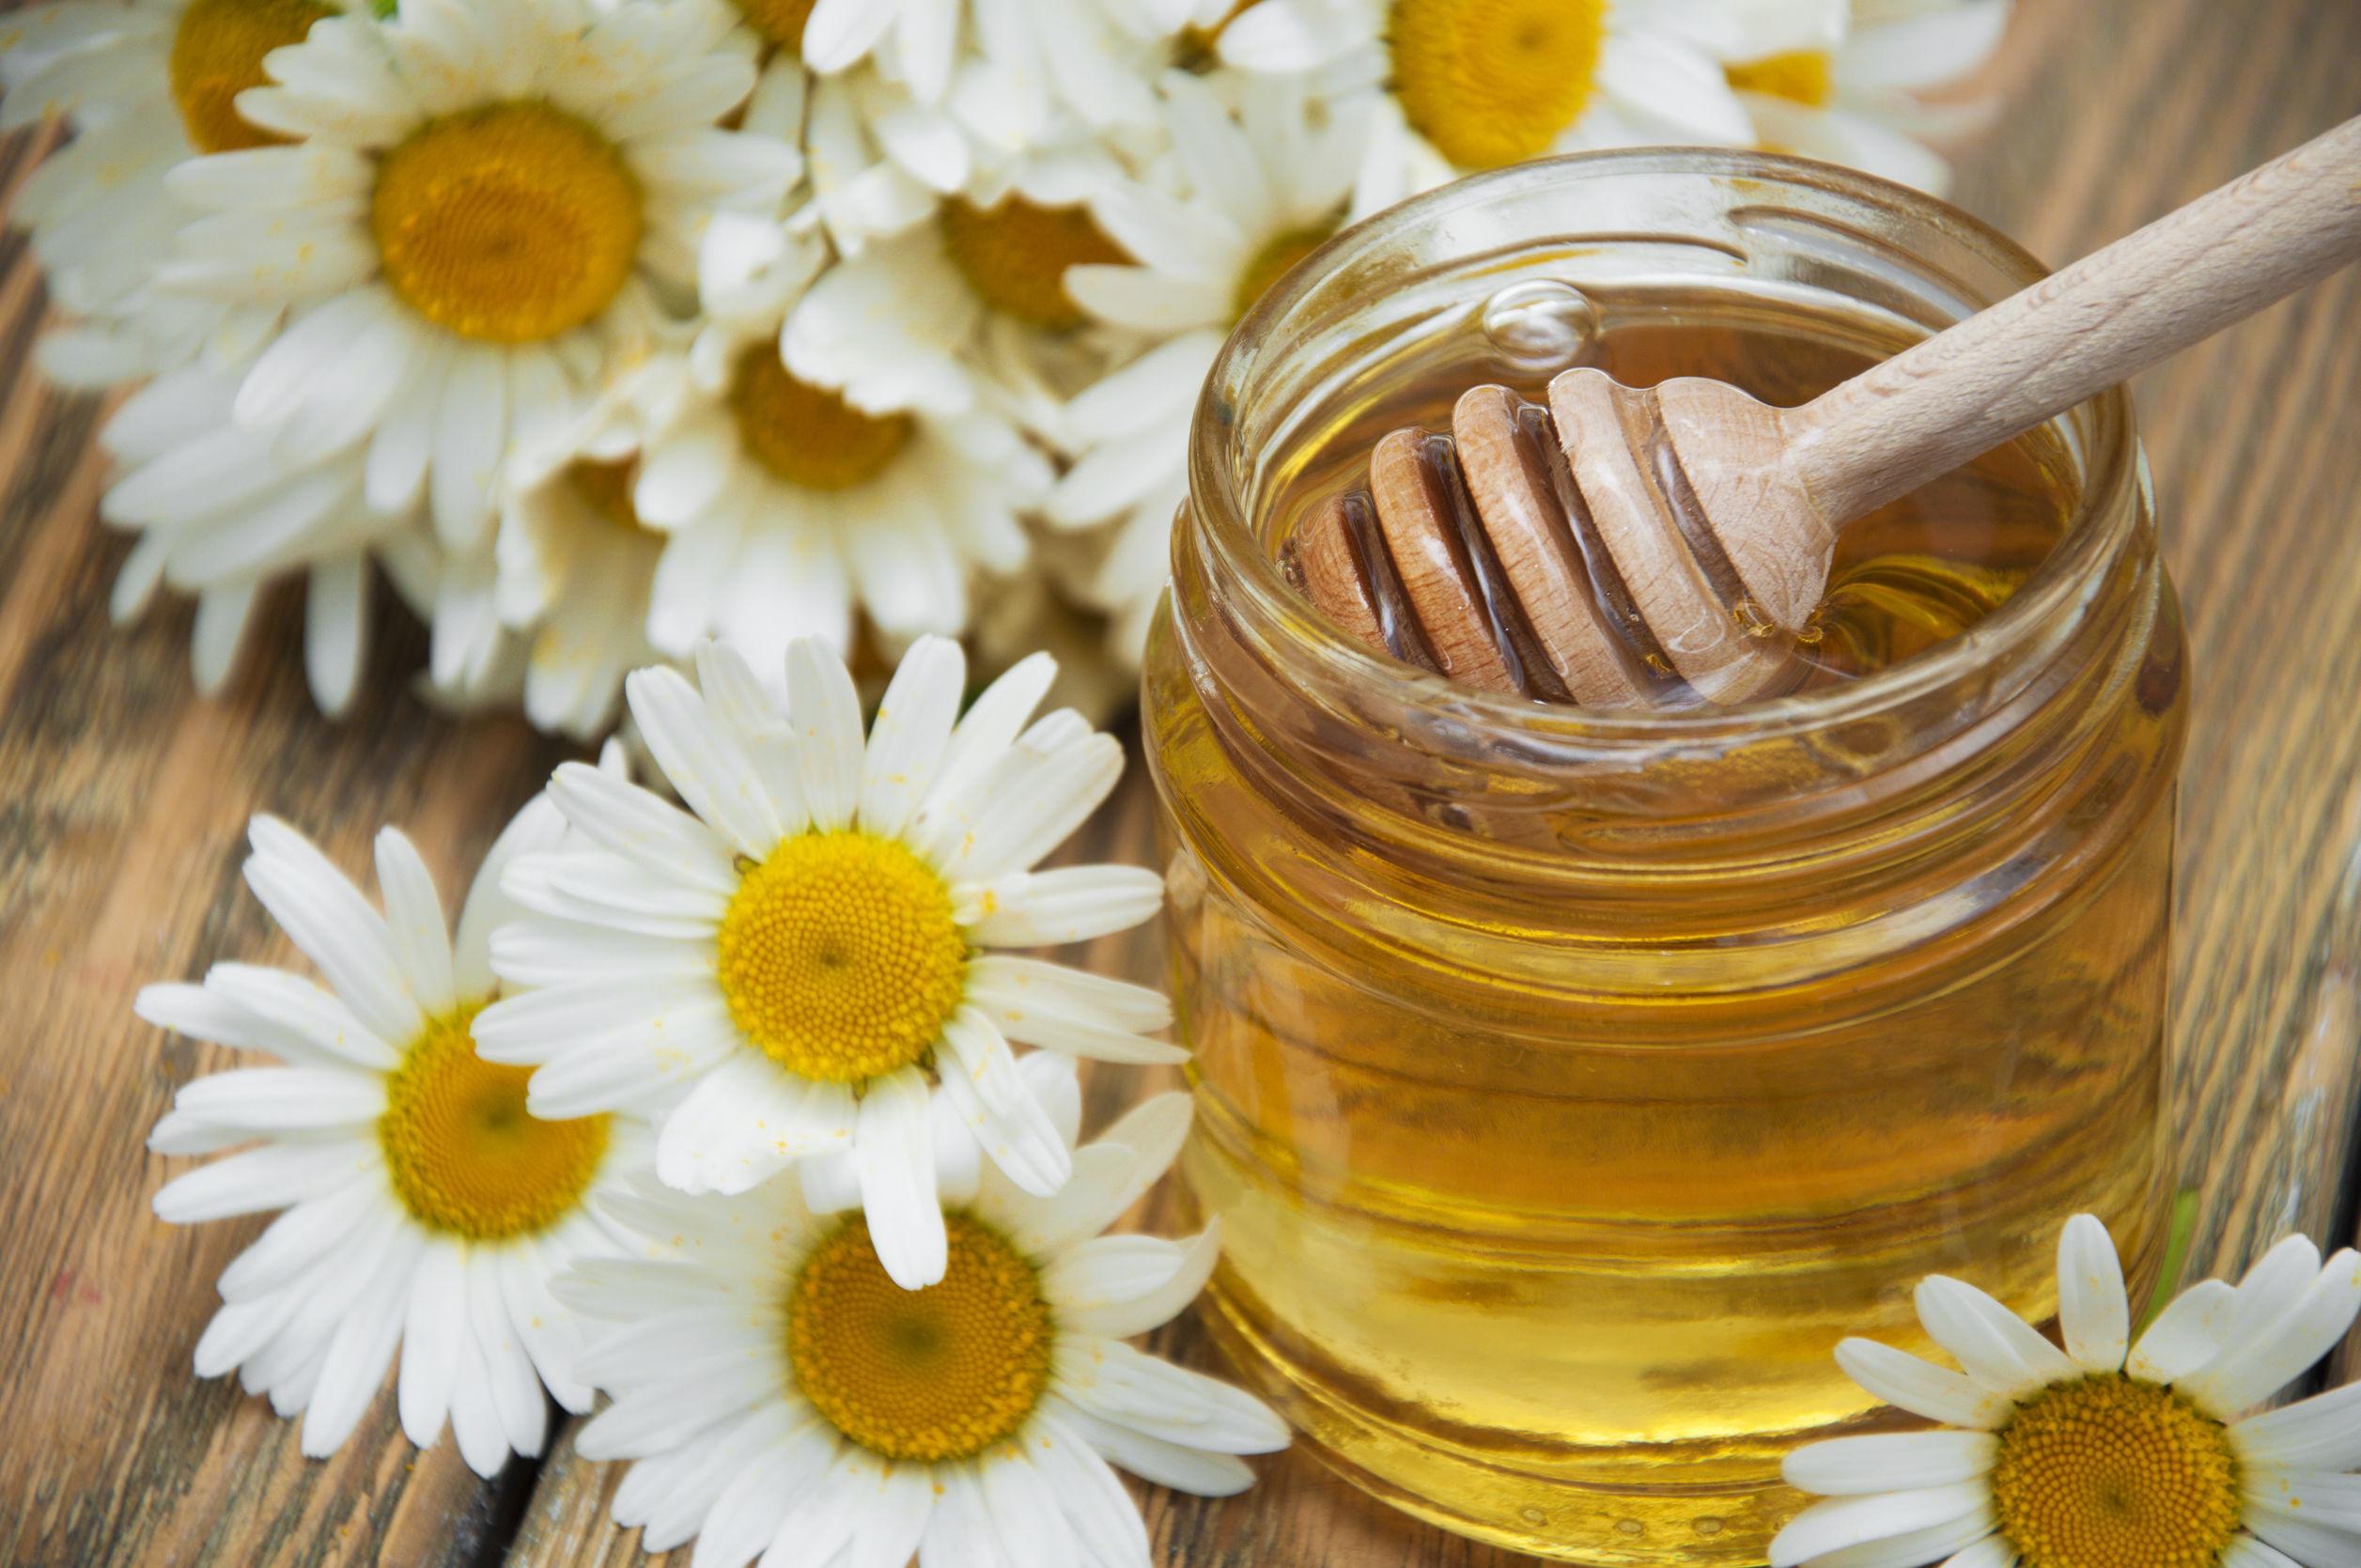 افضل عسل لعلاج نزلات البرد